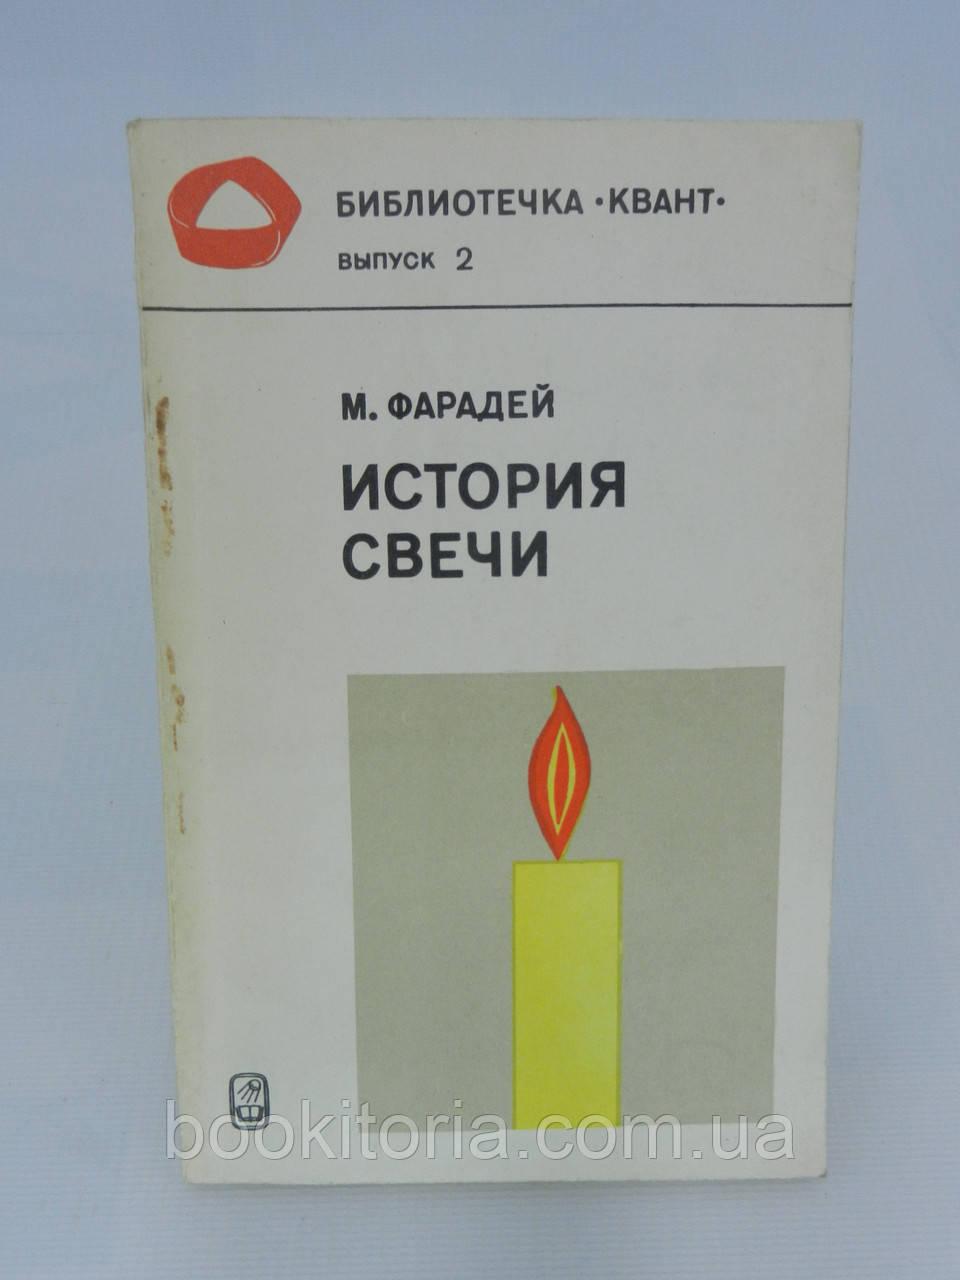 Фарадей М. История свечи (б/у).